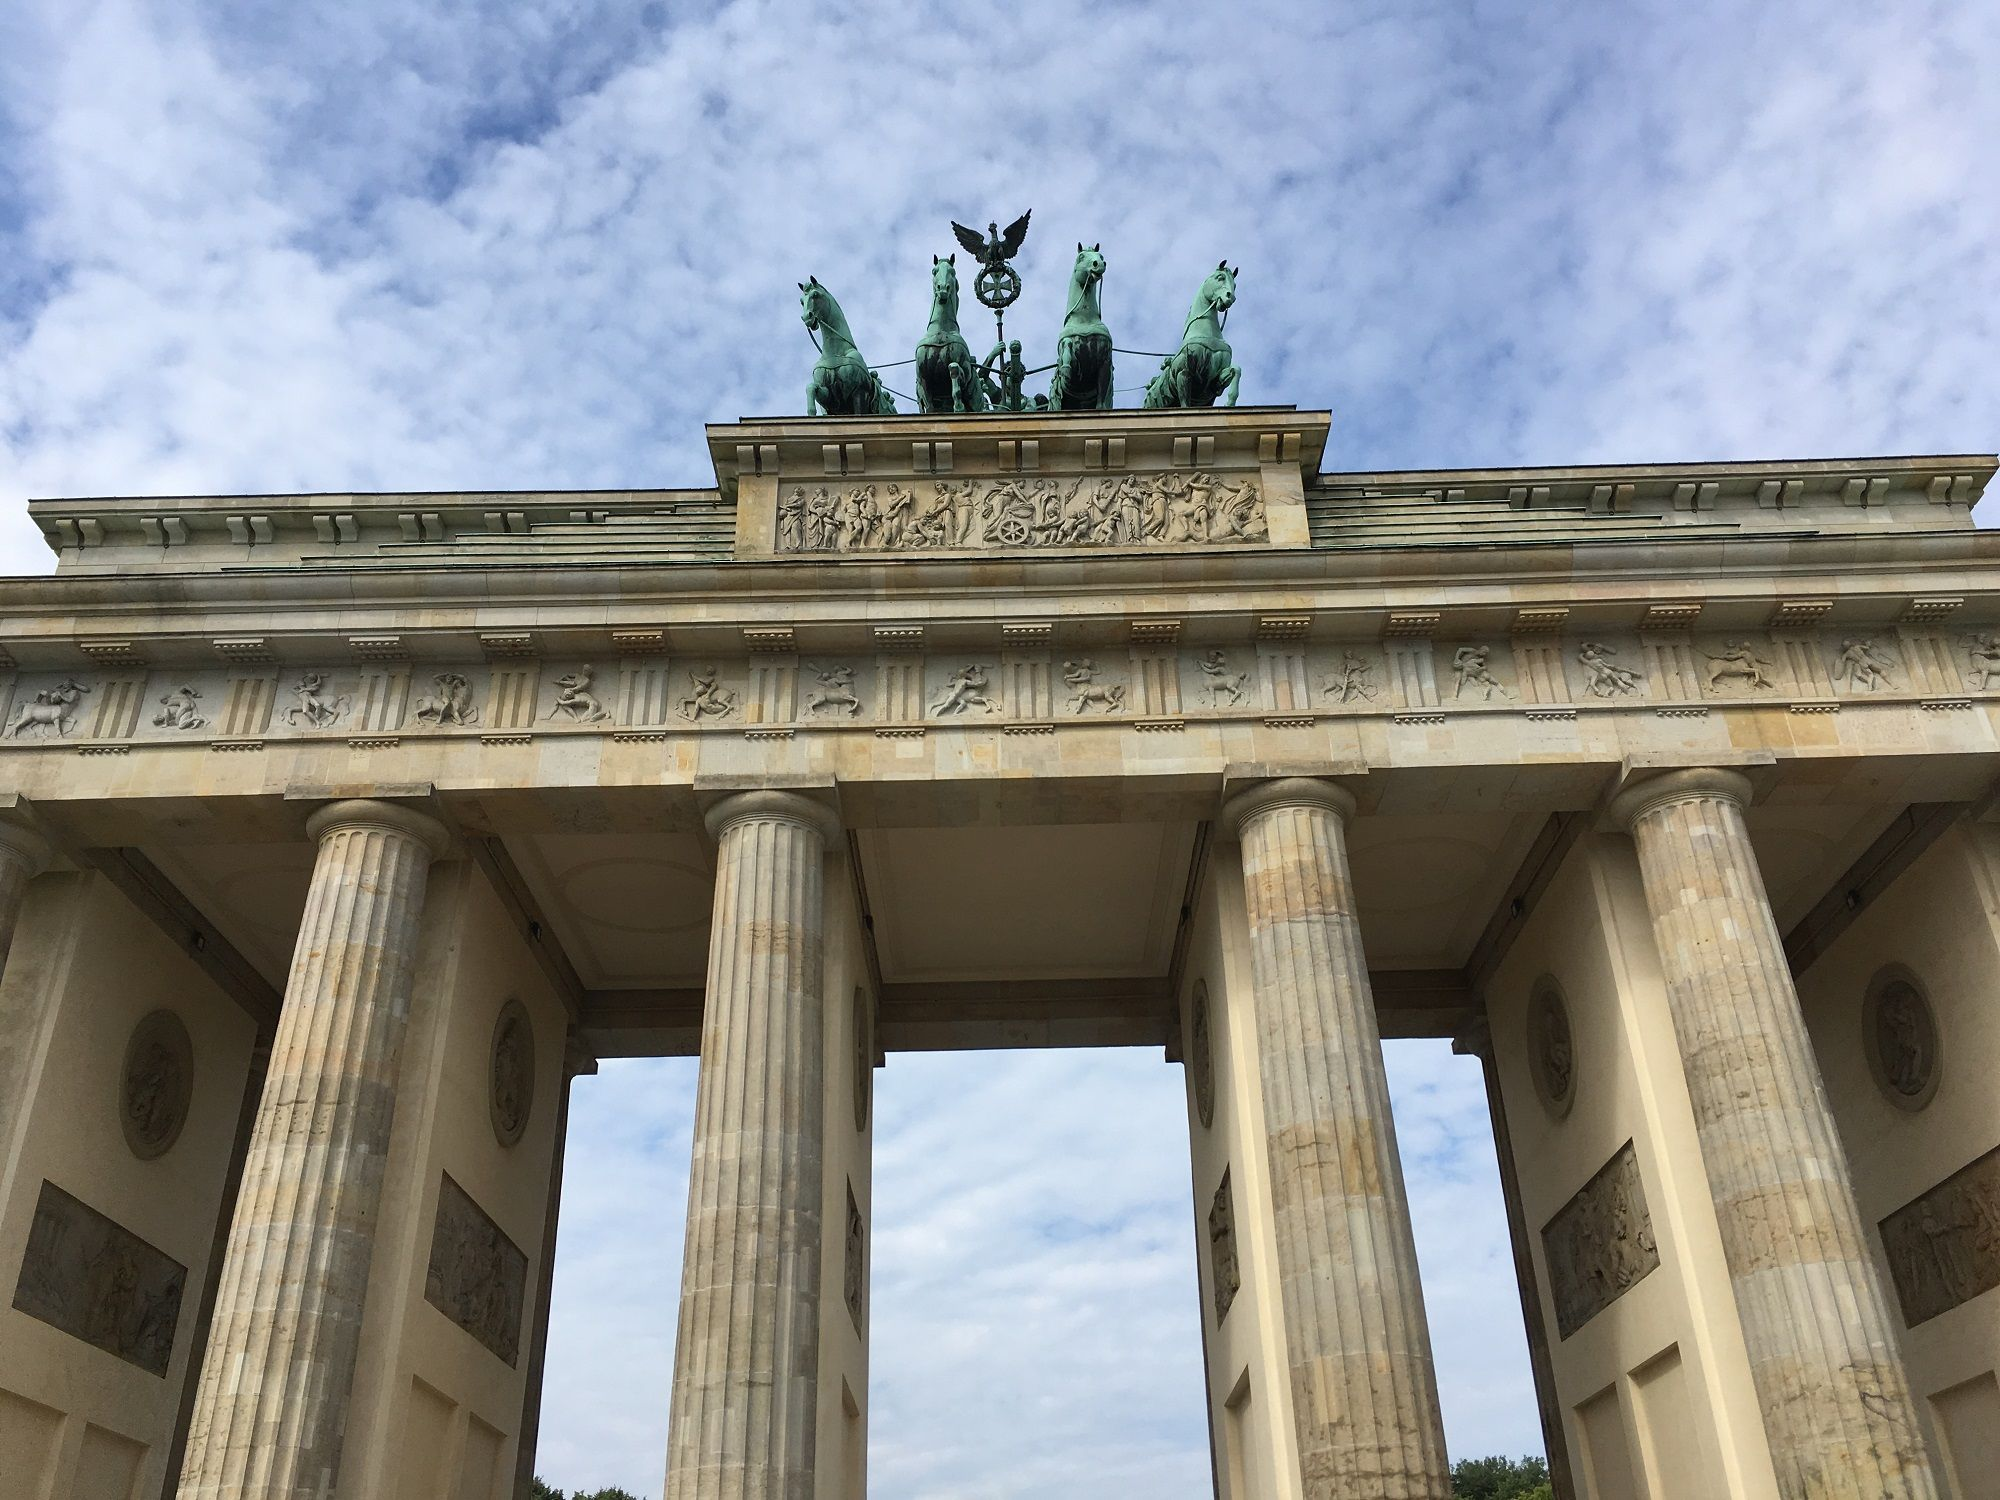 Berlin Sehenswurdigkeiten Und Tipps Fur Einen Kurztrip Kurztrip Kurzreisen Und Sehenswurdigkeiten